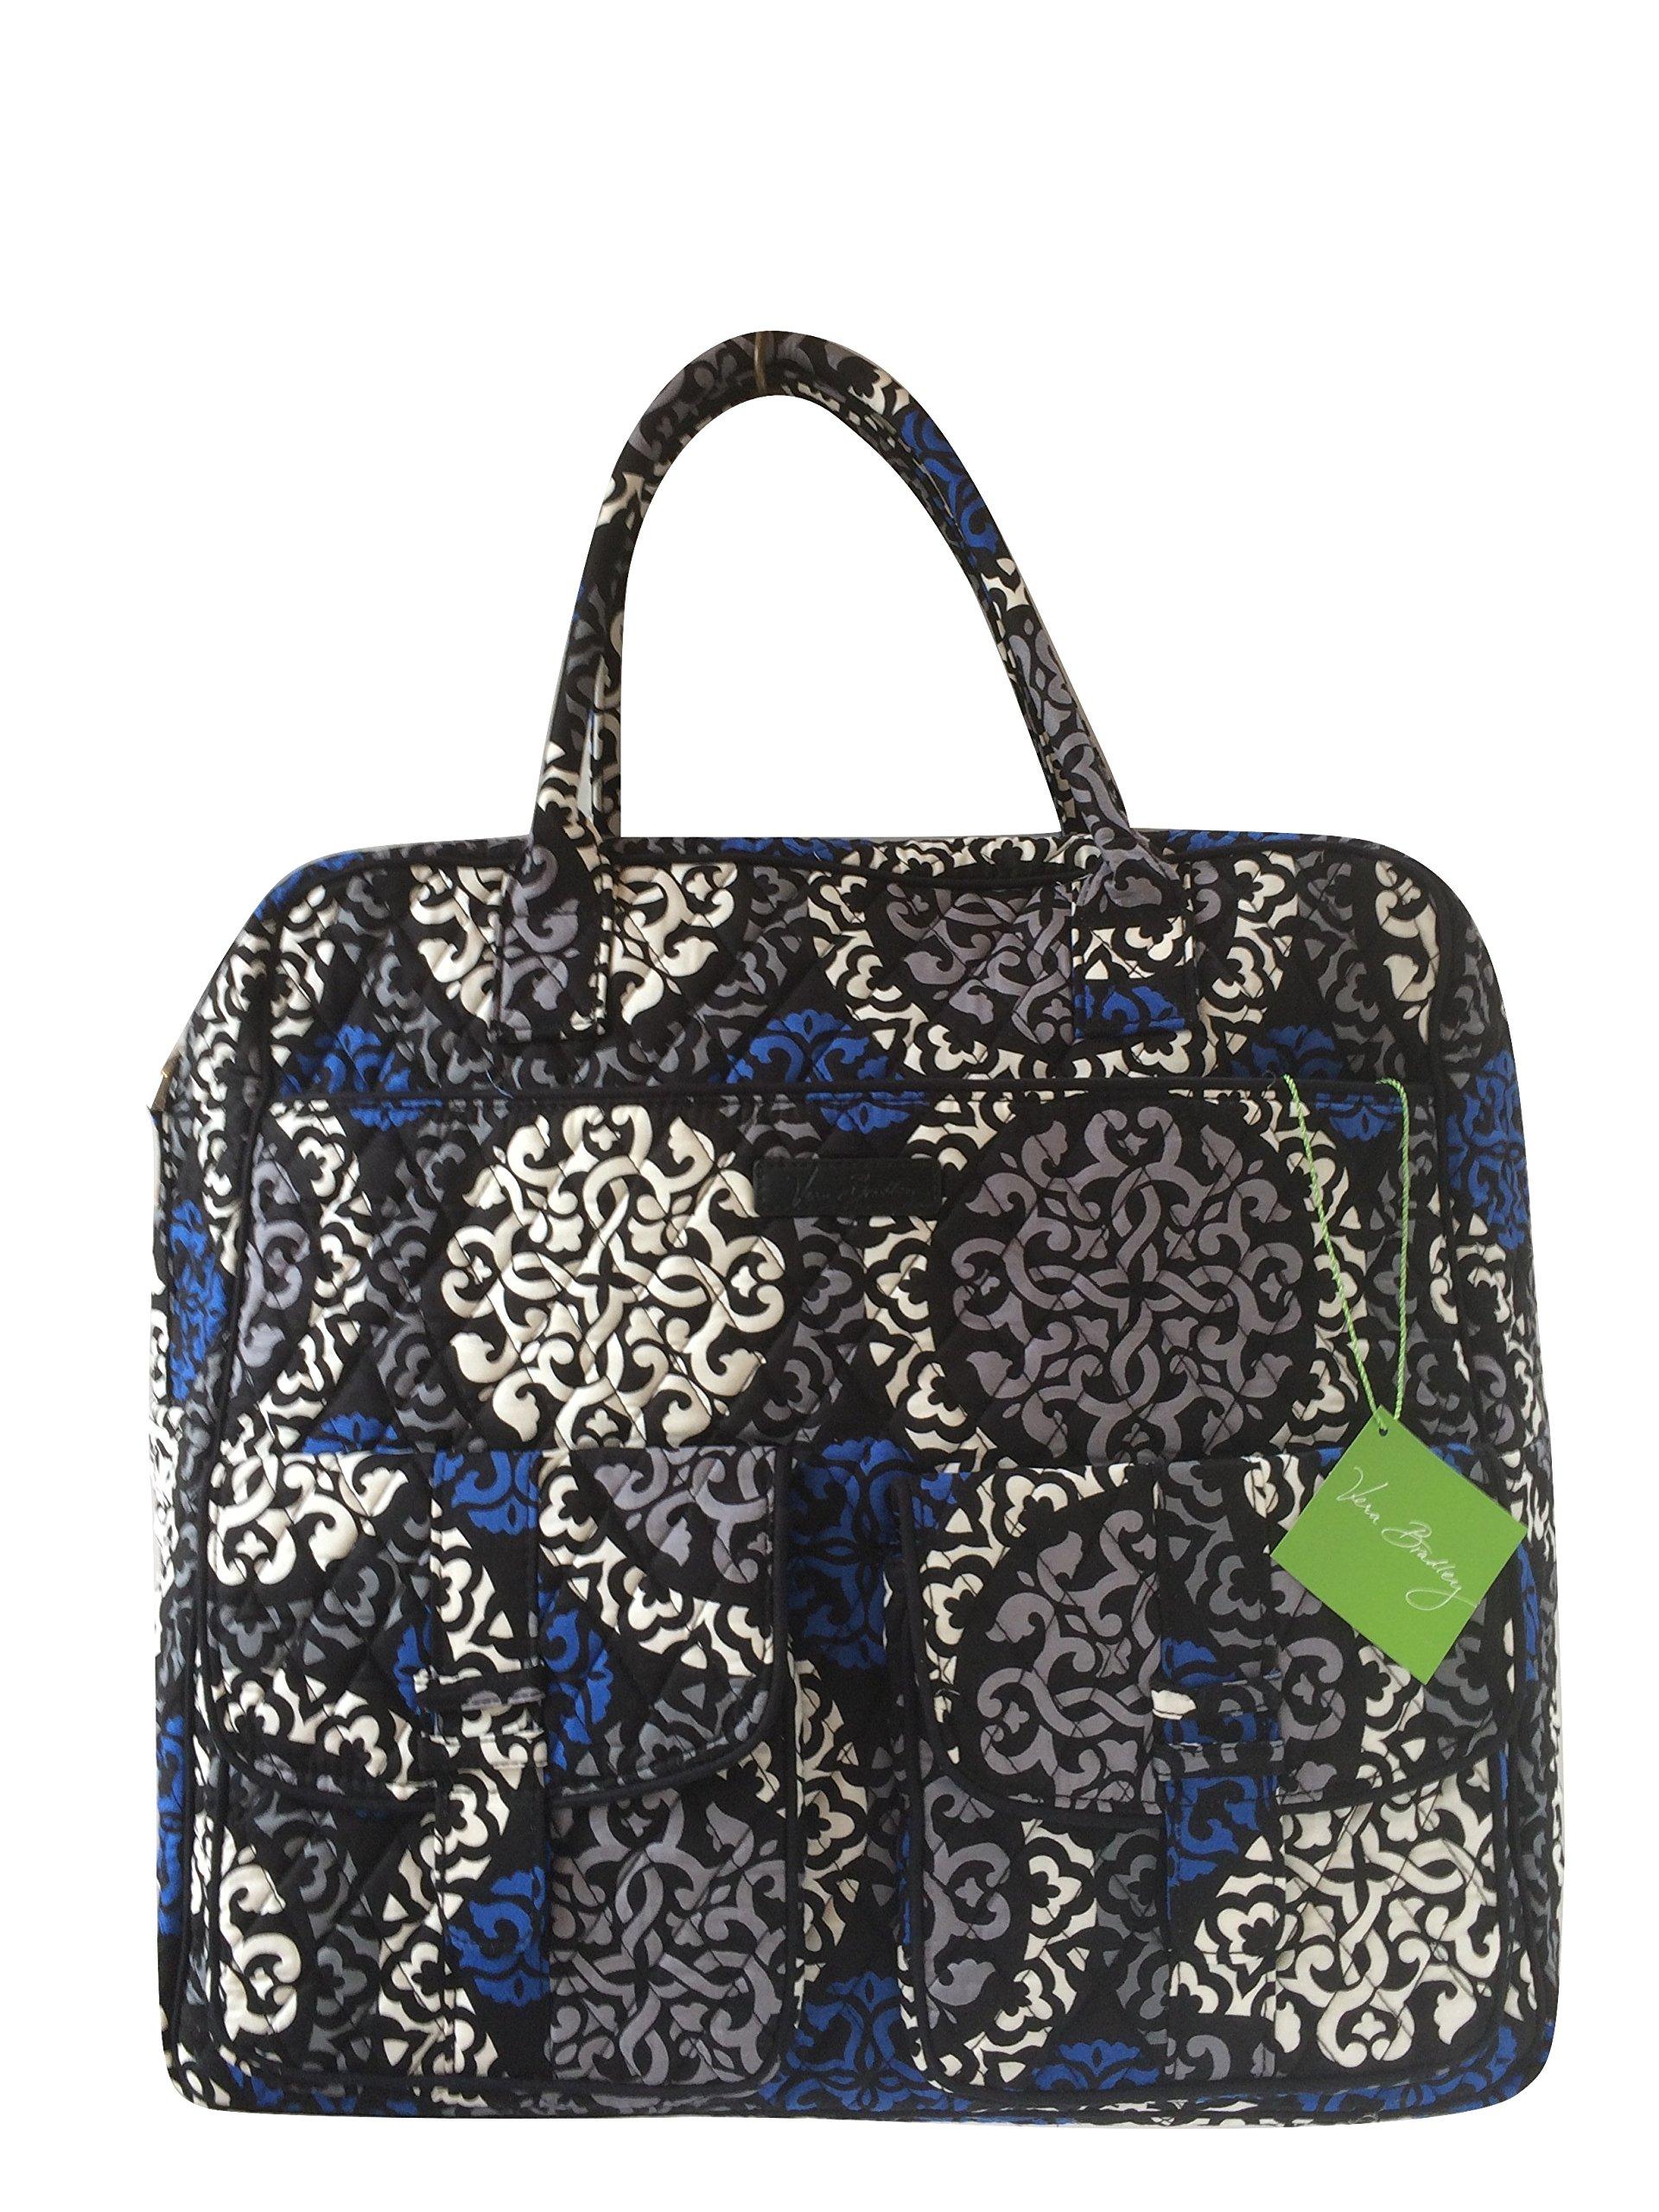 Vera Bradley Grand Cargo Travel Bag Canterberry Cobalt with Blue Interior